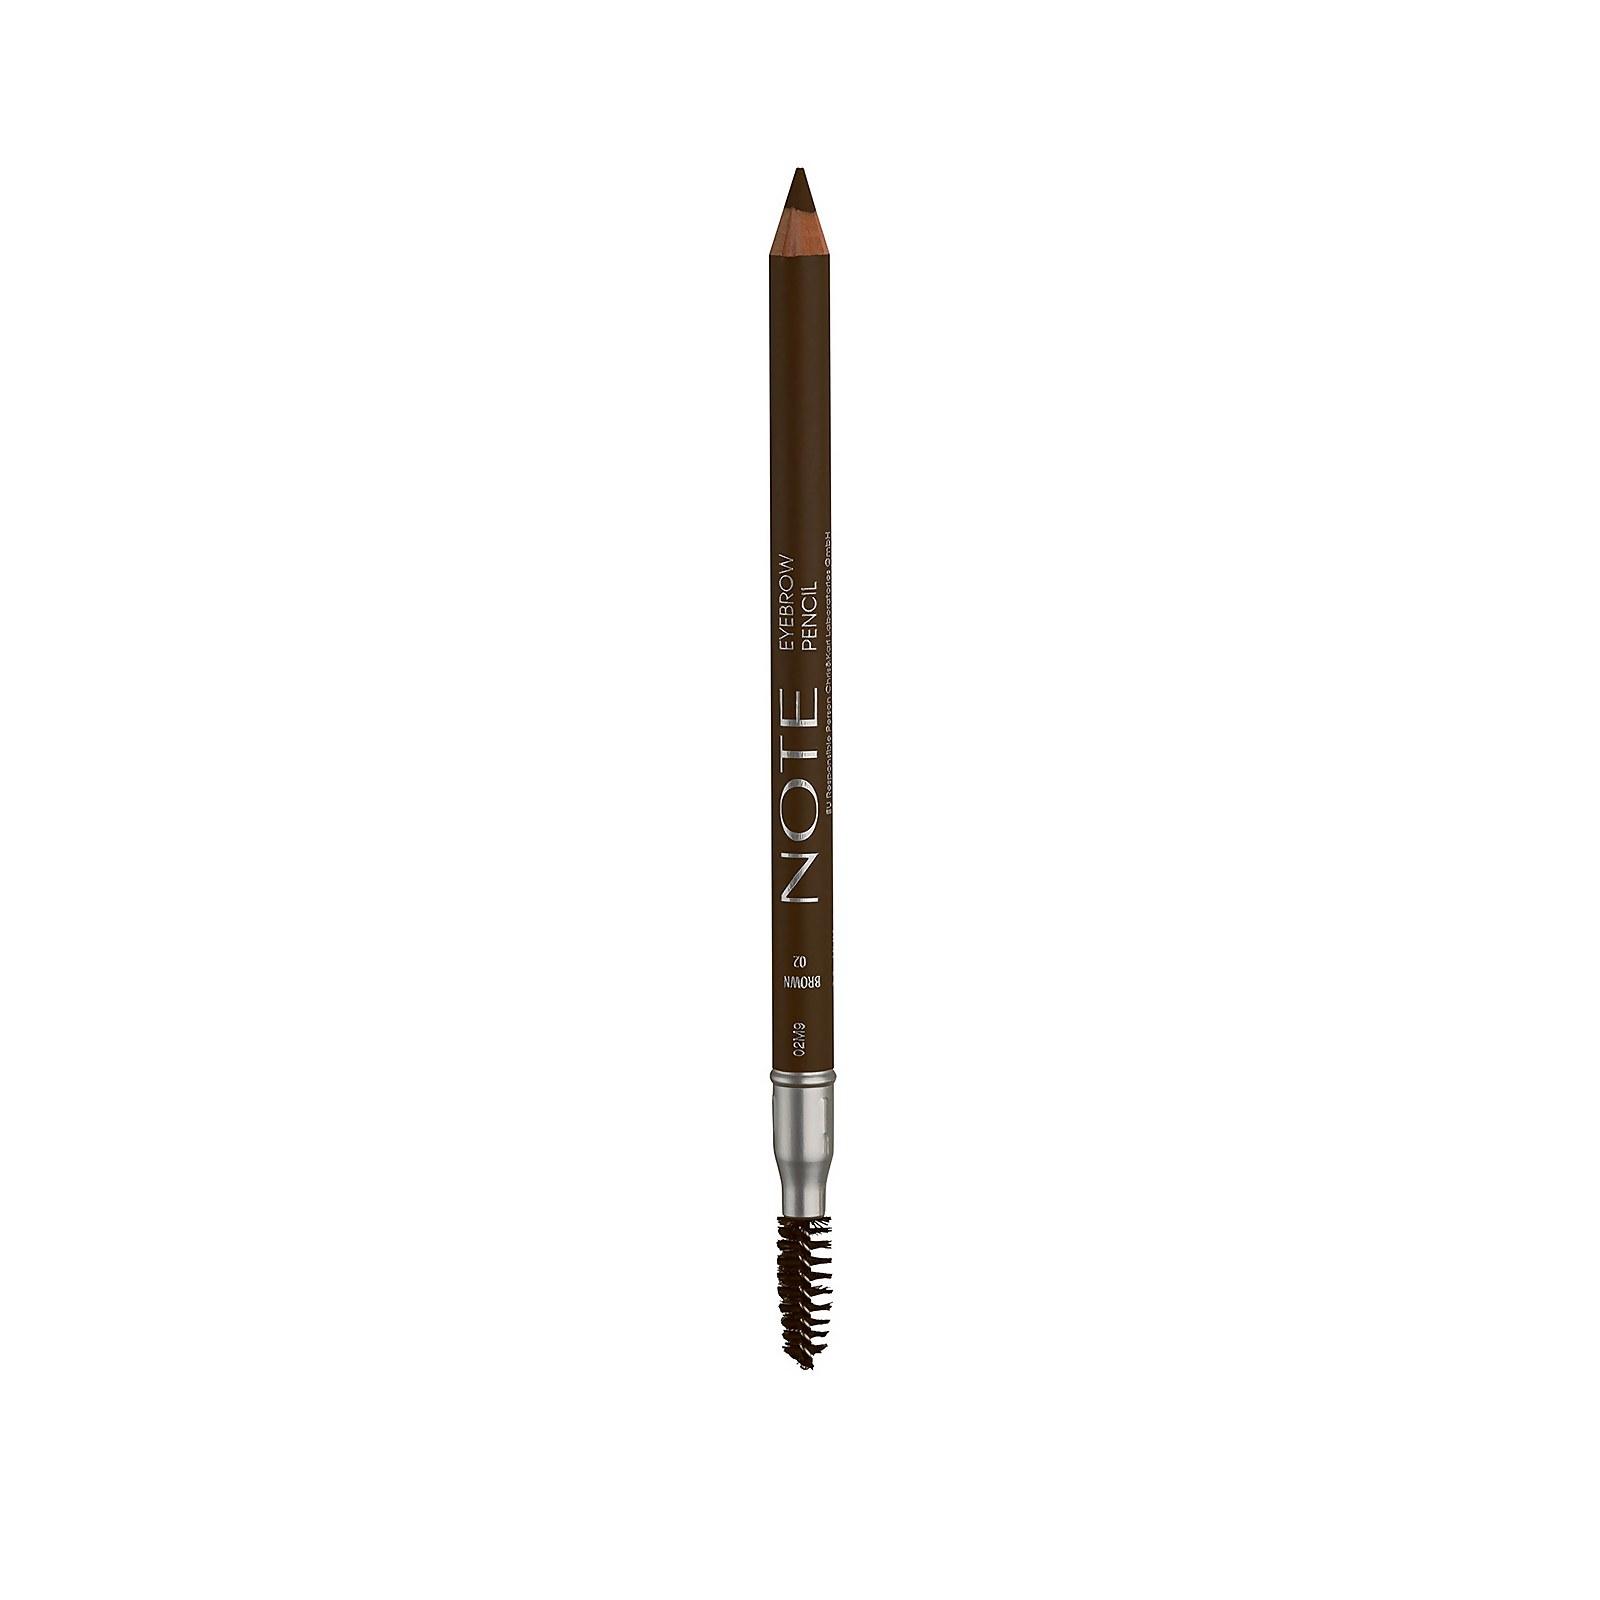 Купить Карандаш для бровей Note Cosmetics 1, 1 г (разные оттенки) - 02 Brown